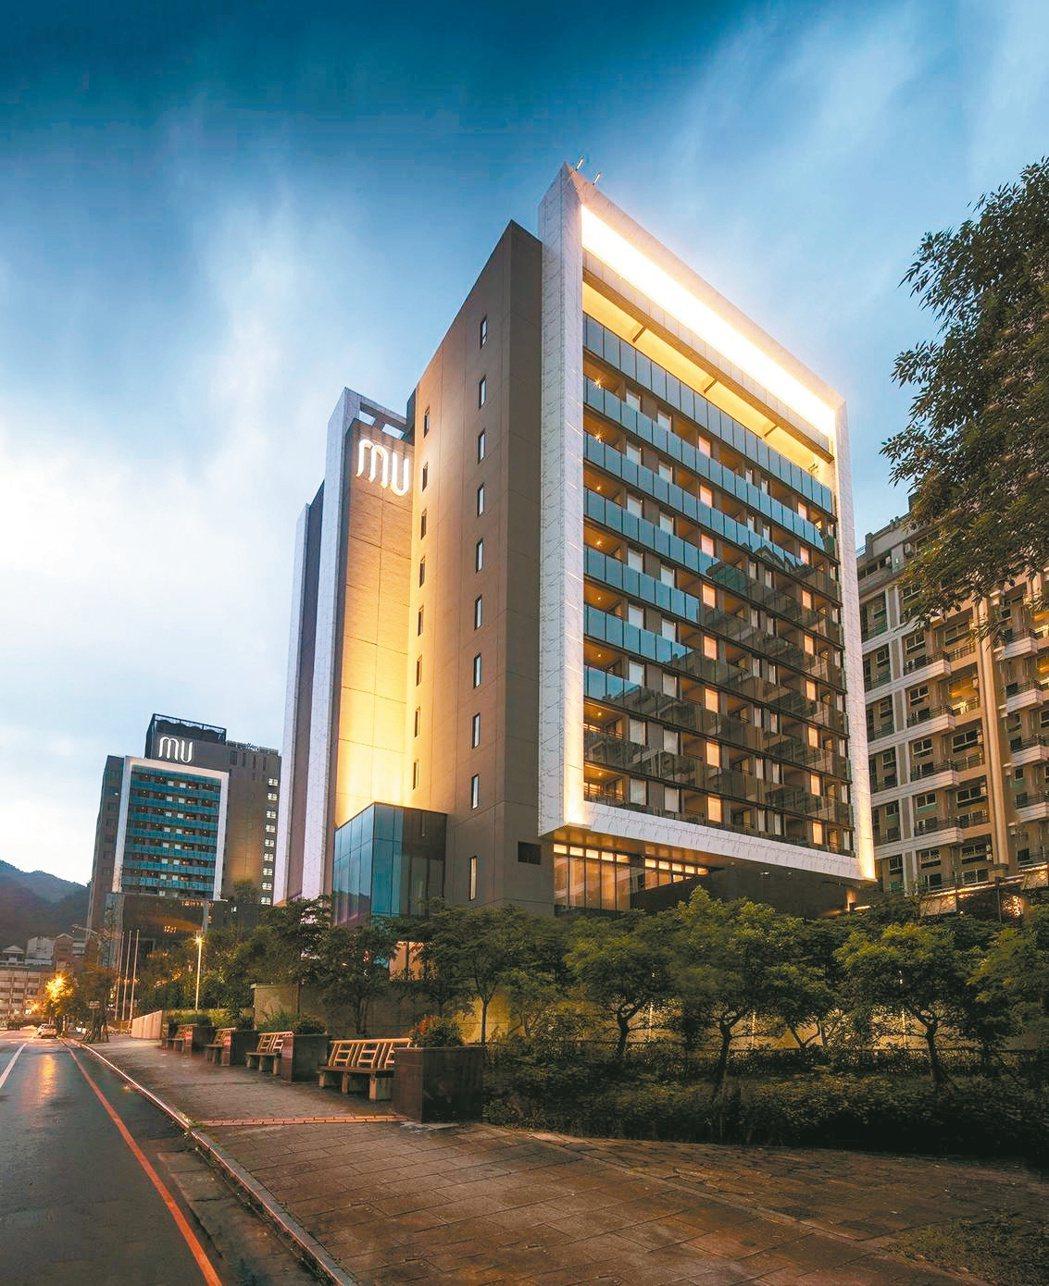 礁溪寒沐酒店為寒舍餐旅的休閒度假型酒店。 礁溪寒沐酒店/提供